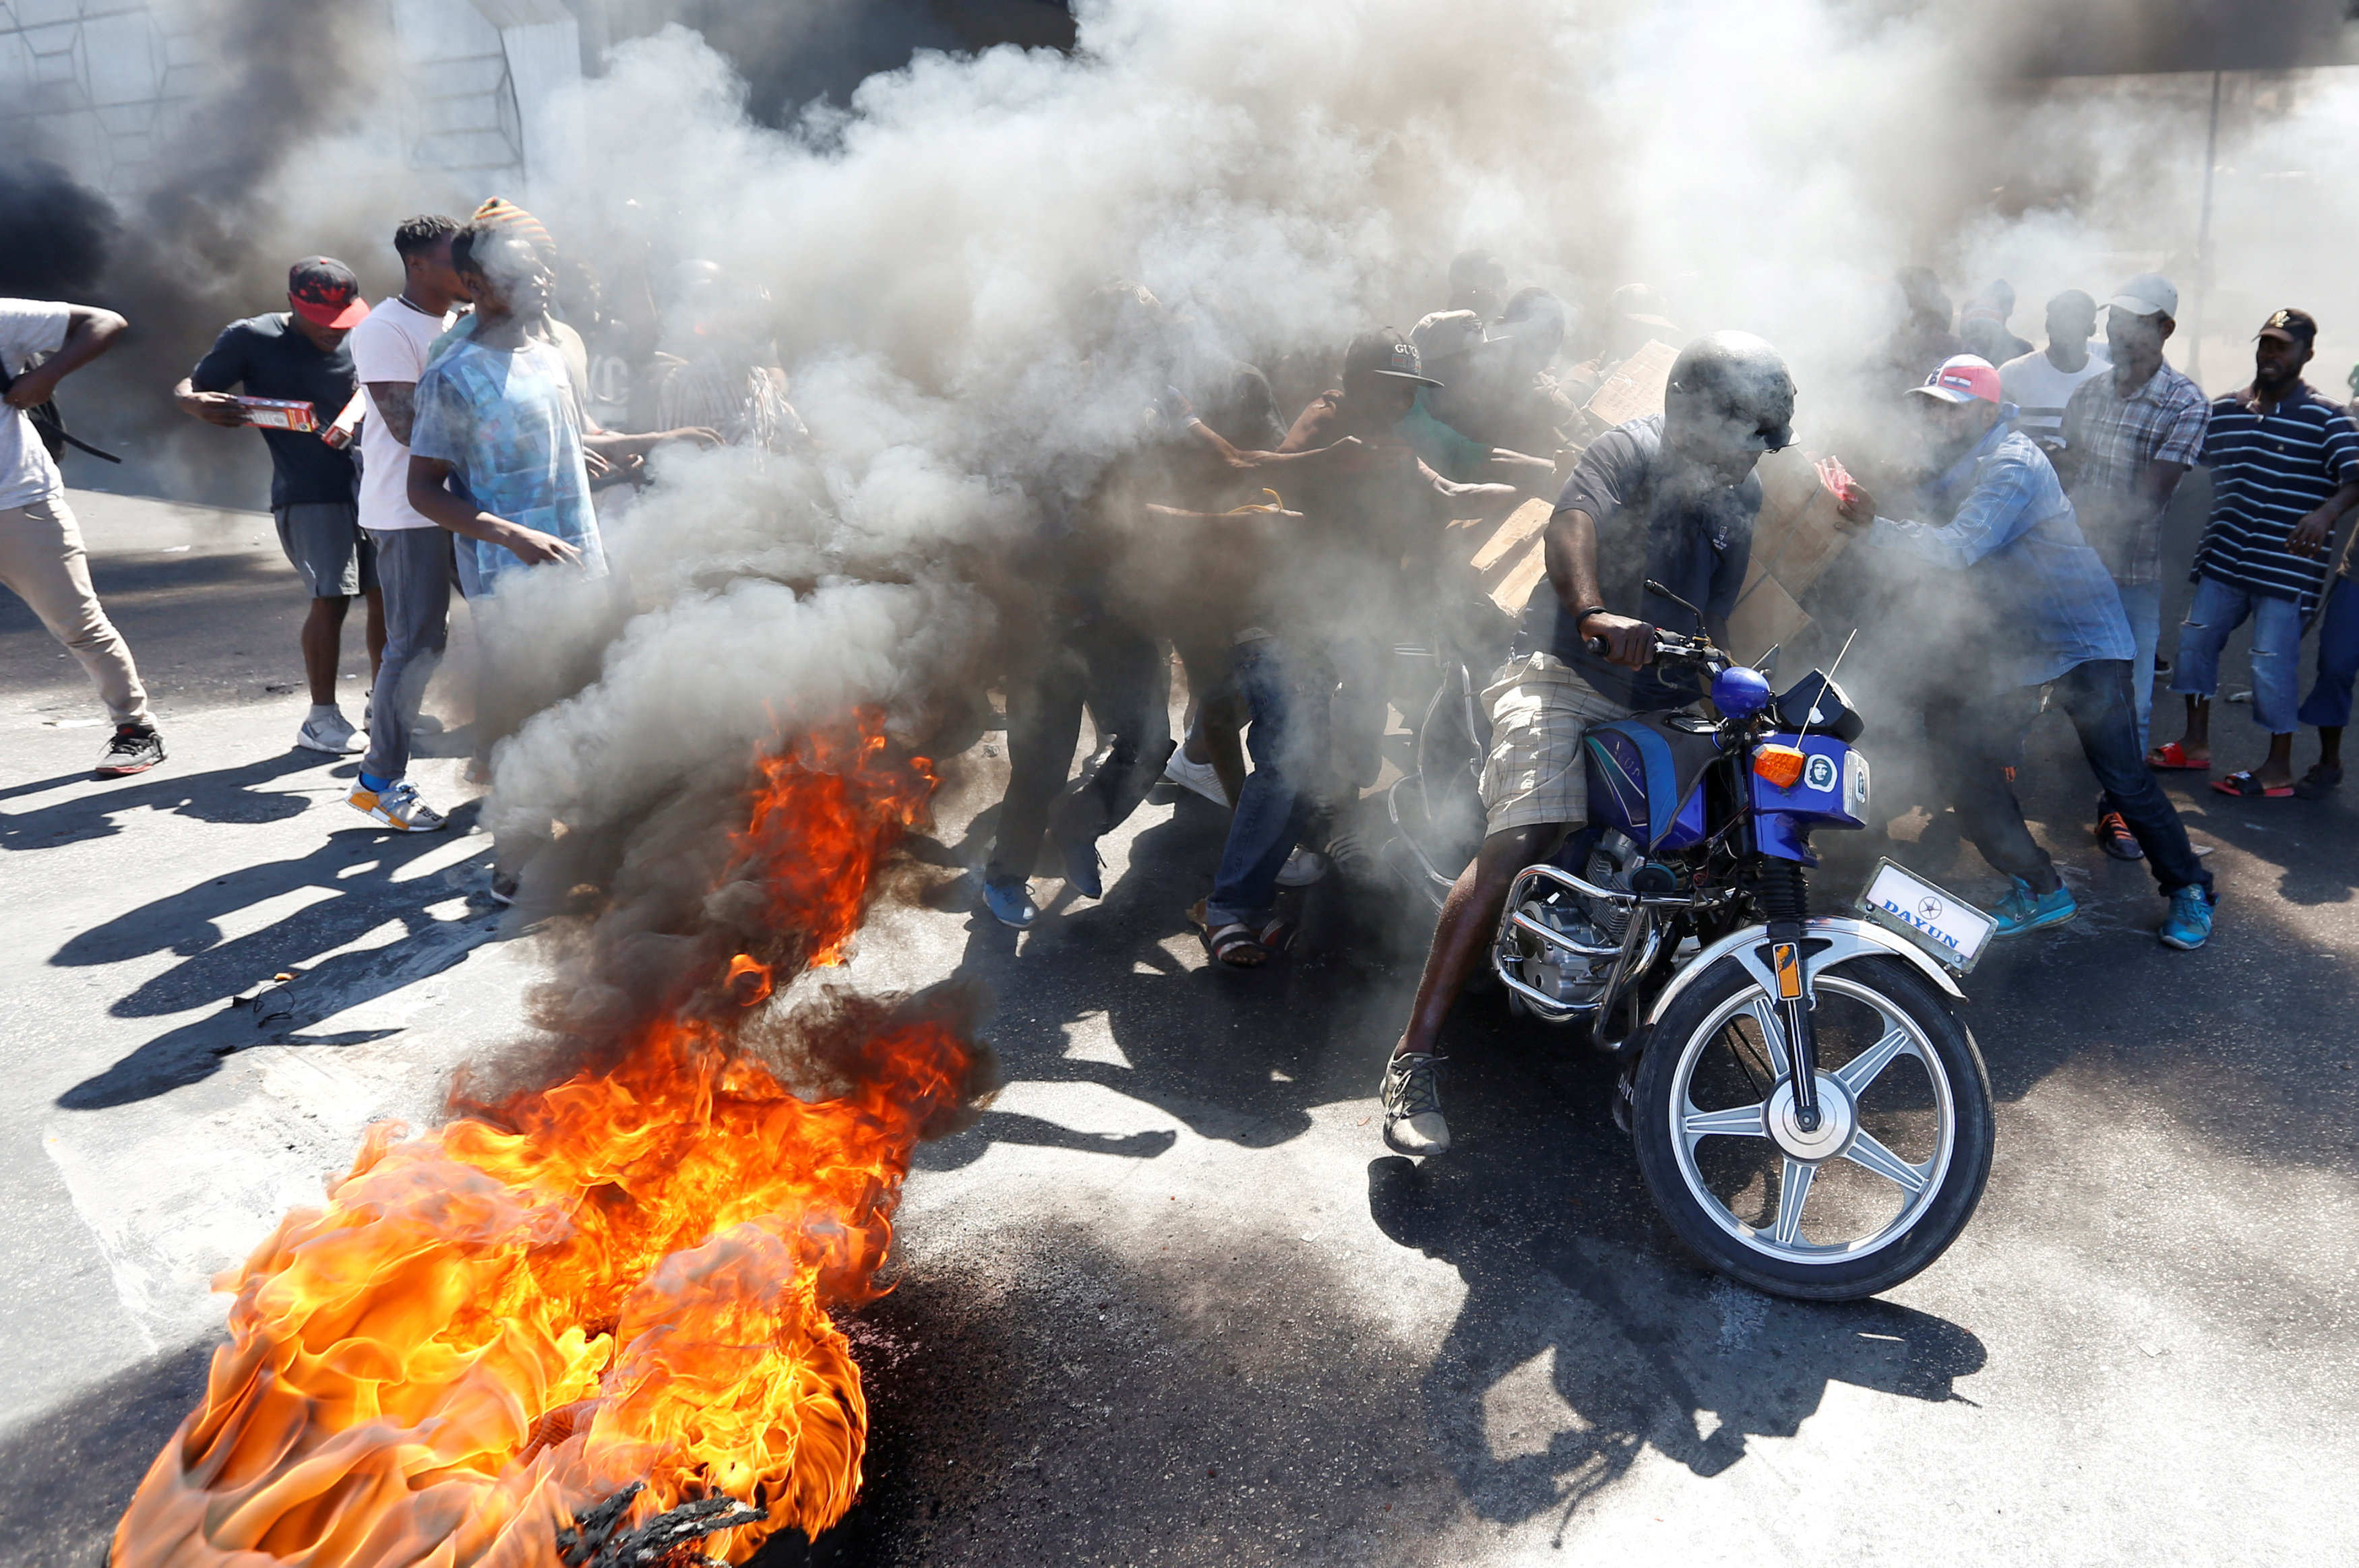 الاحتجاجات العنيفة ضد السلطة فى هايتى  (11)